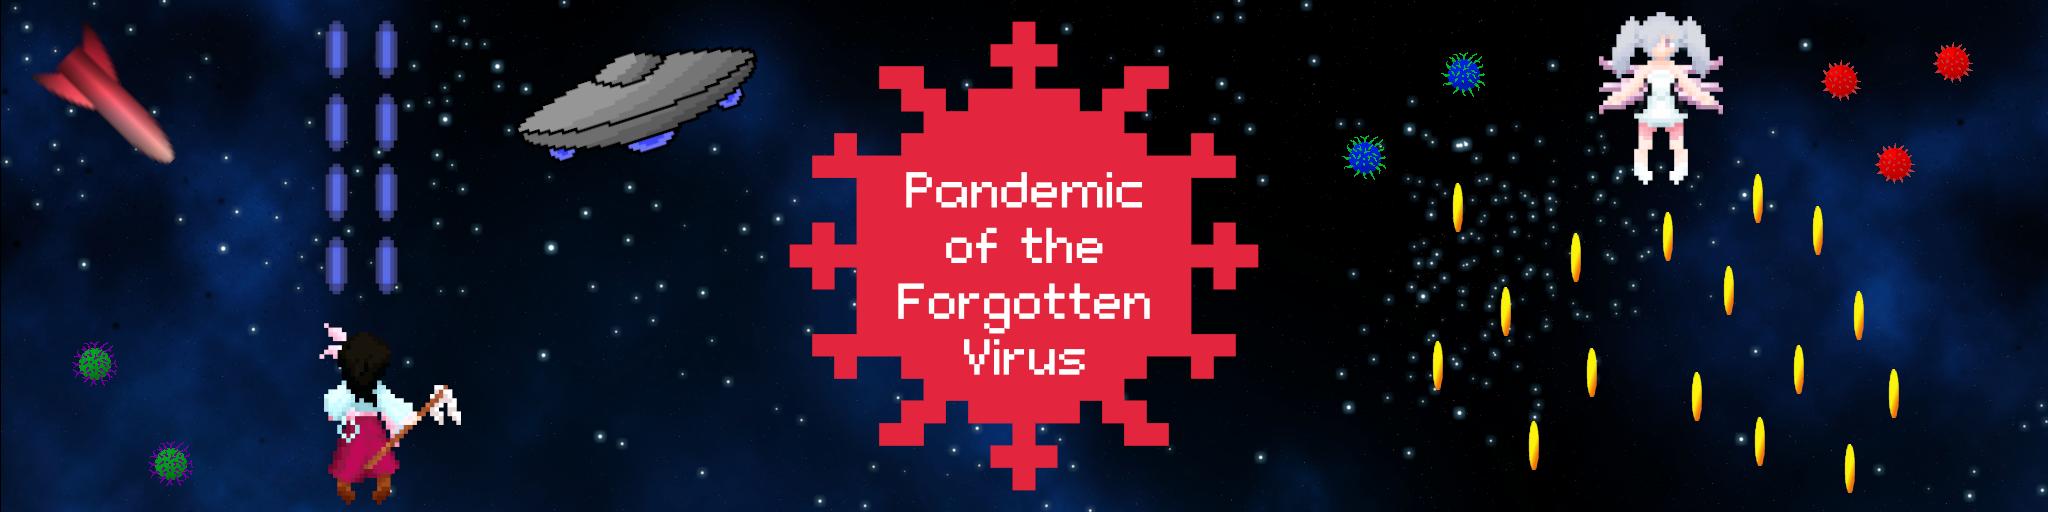 Pandemic of the Forgotten Virus